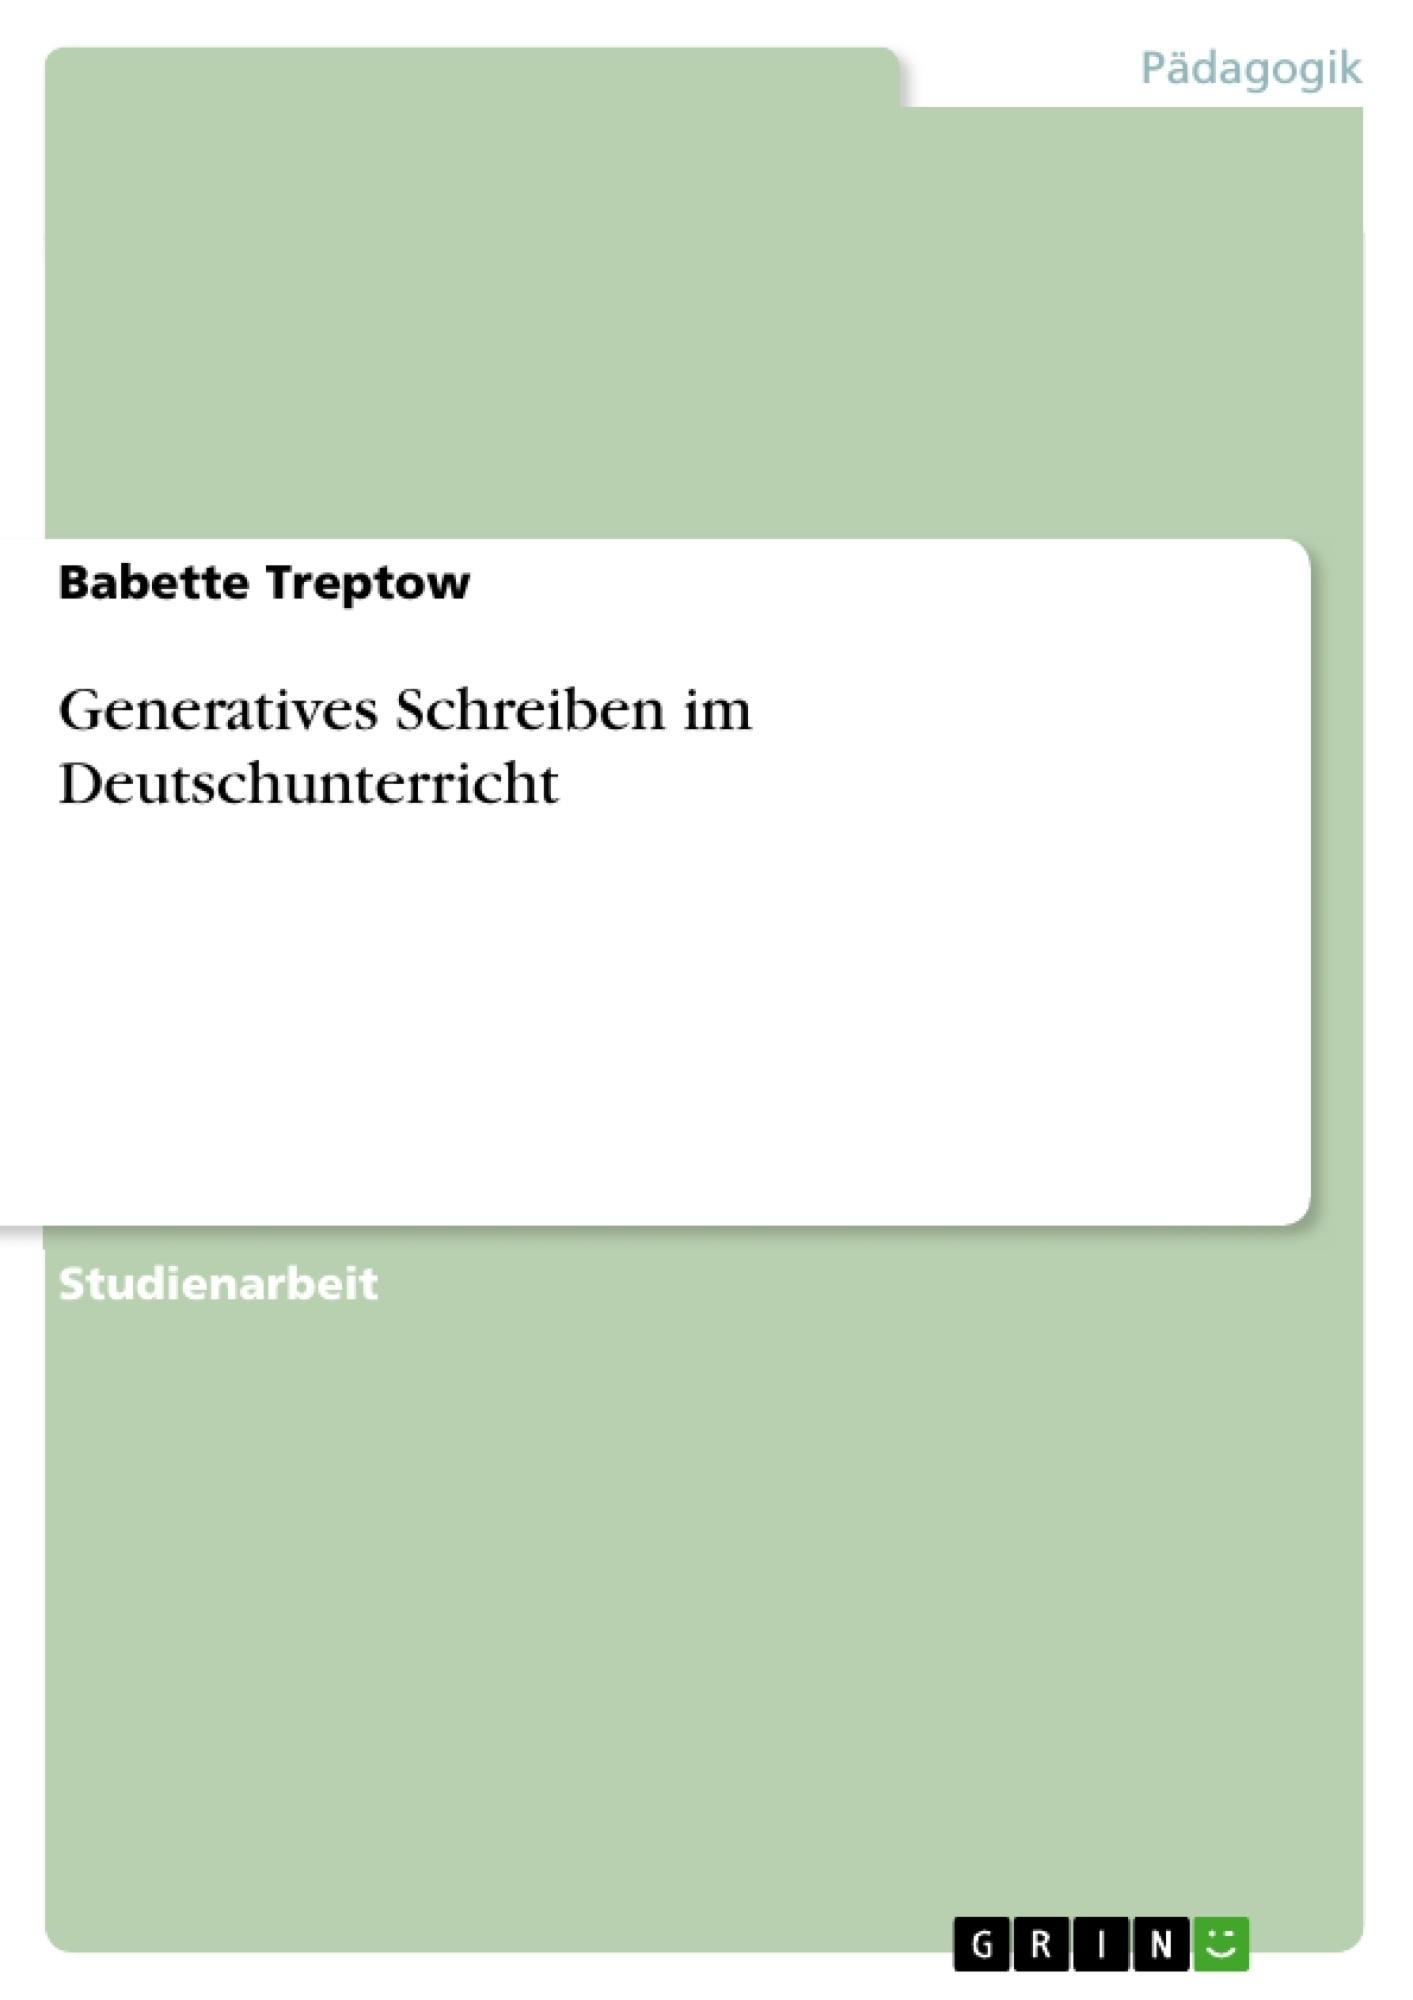 Titel: Generatives Schreiben  im Deutschunterricht